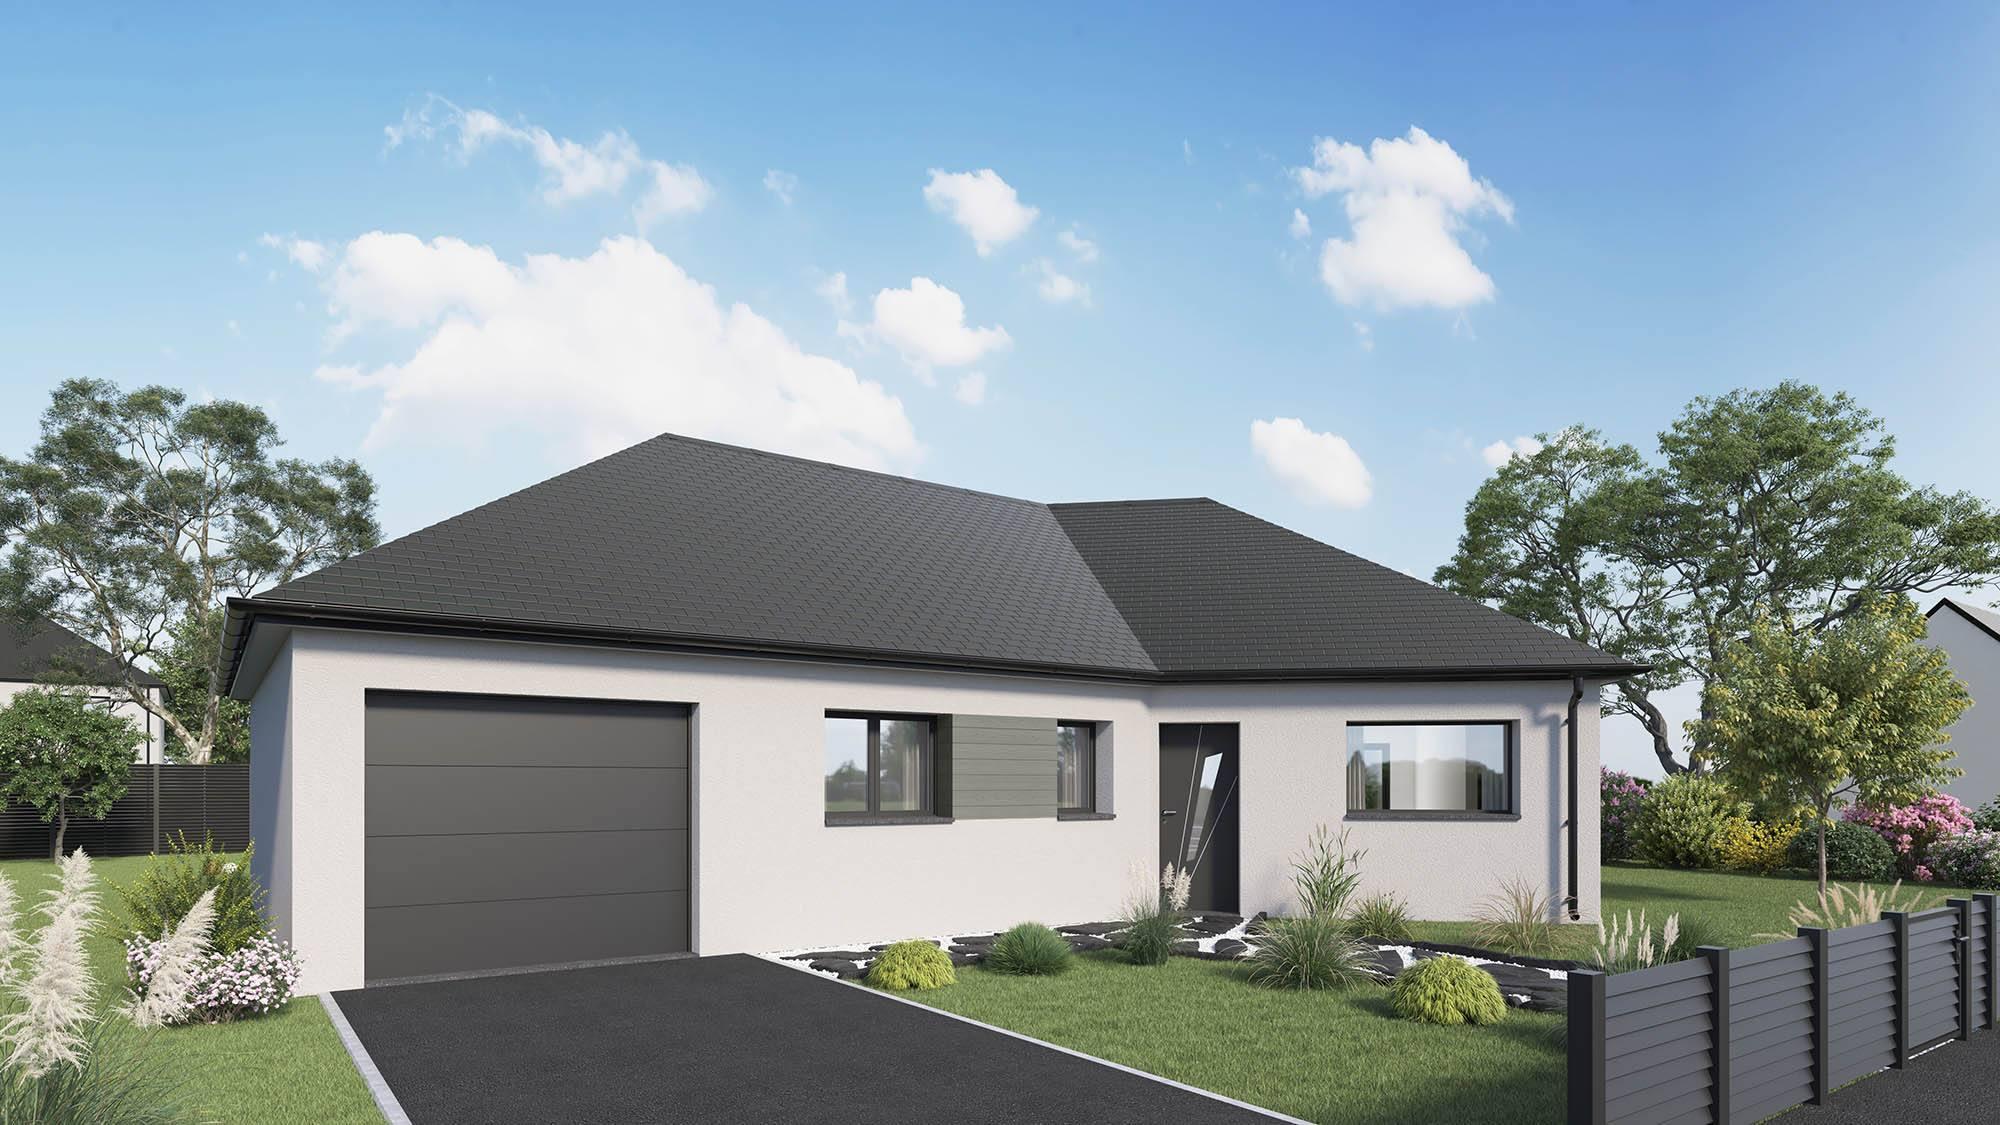 Votre maison + terrain à Saint-Georges-d'Aunay  - 14260